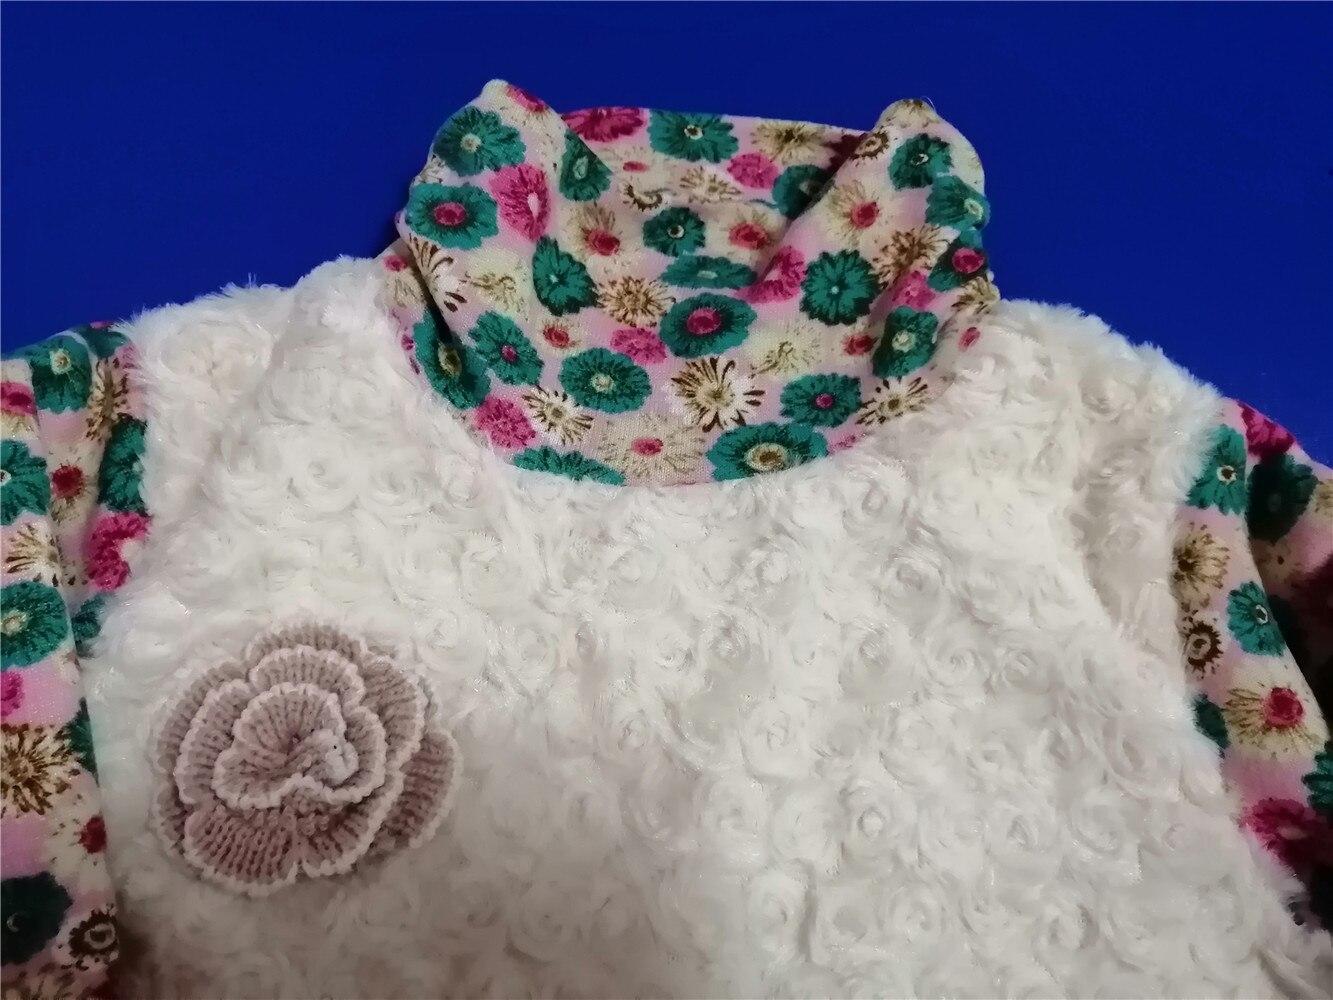 Детская одежда; зимняя водолазка для девочек; теплые футболки с флисовой подкладкой; детские лоскутные Футболки с имитацией ягненка; плотные футболки с принтом